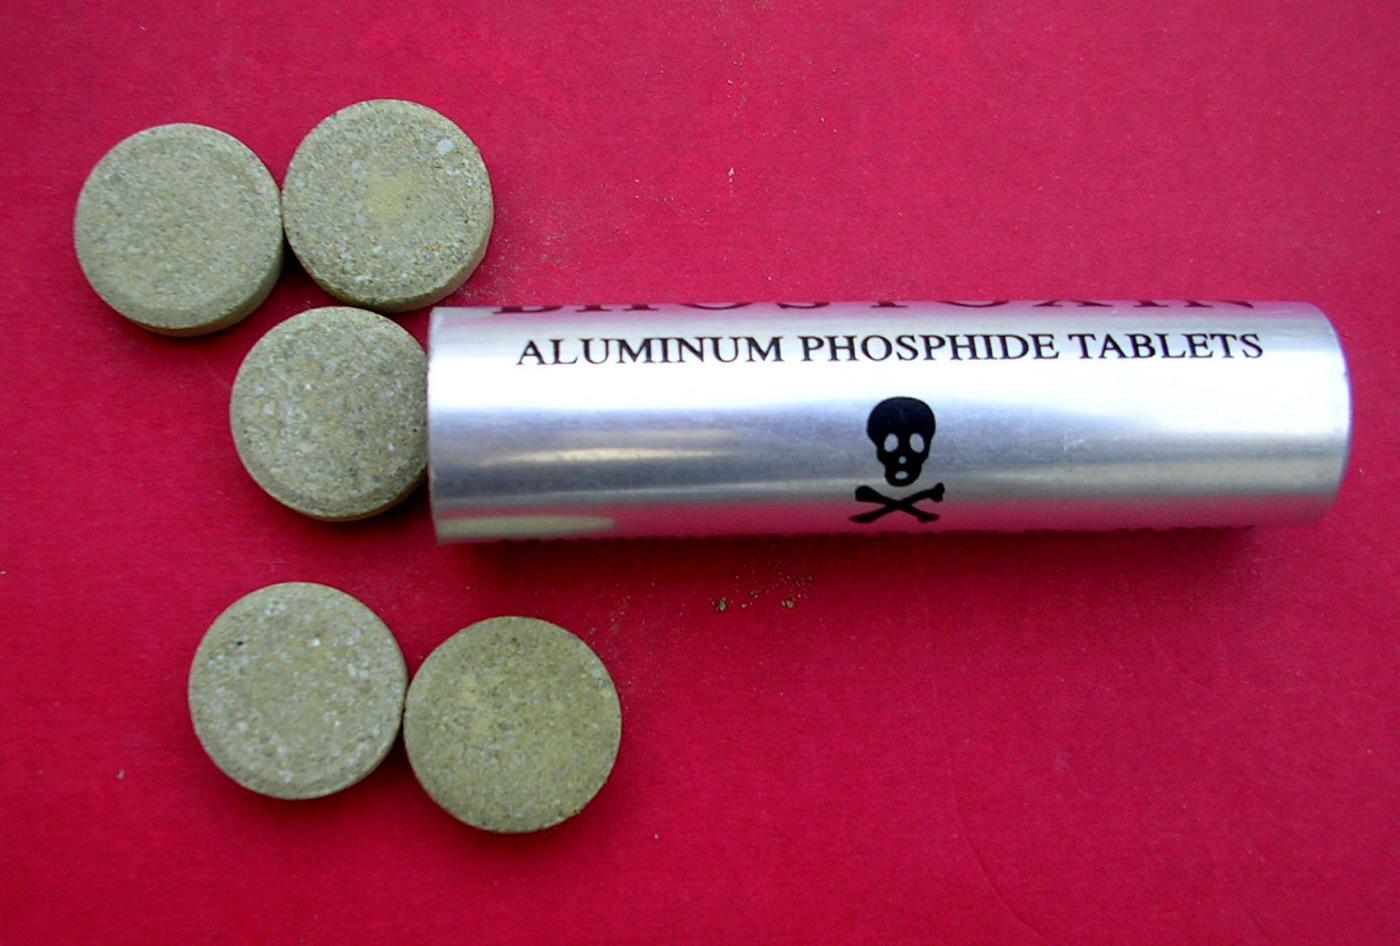 فوسفيد الألومنيوم Aluminium phosphide